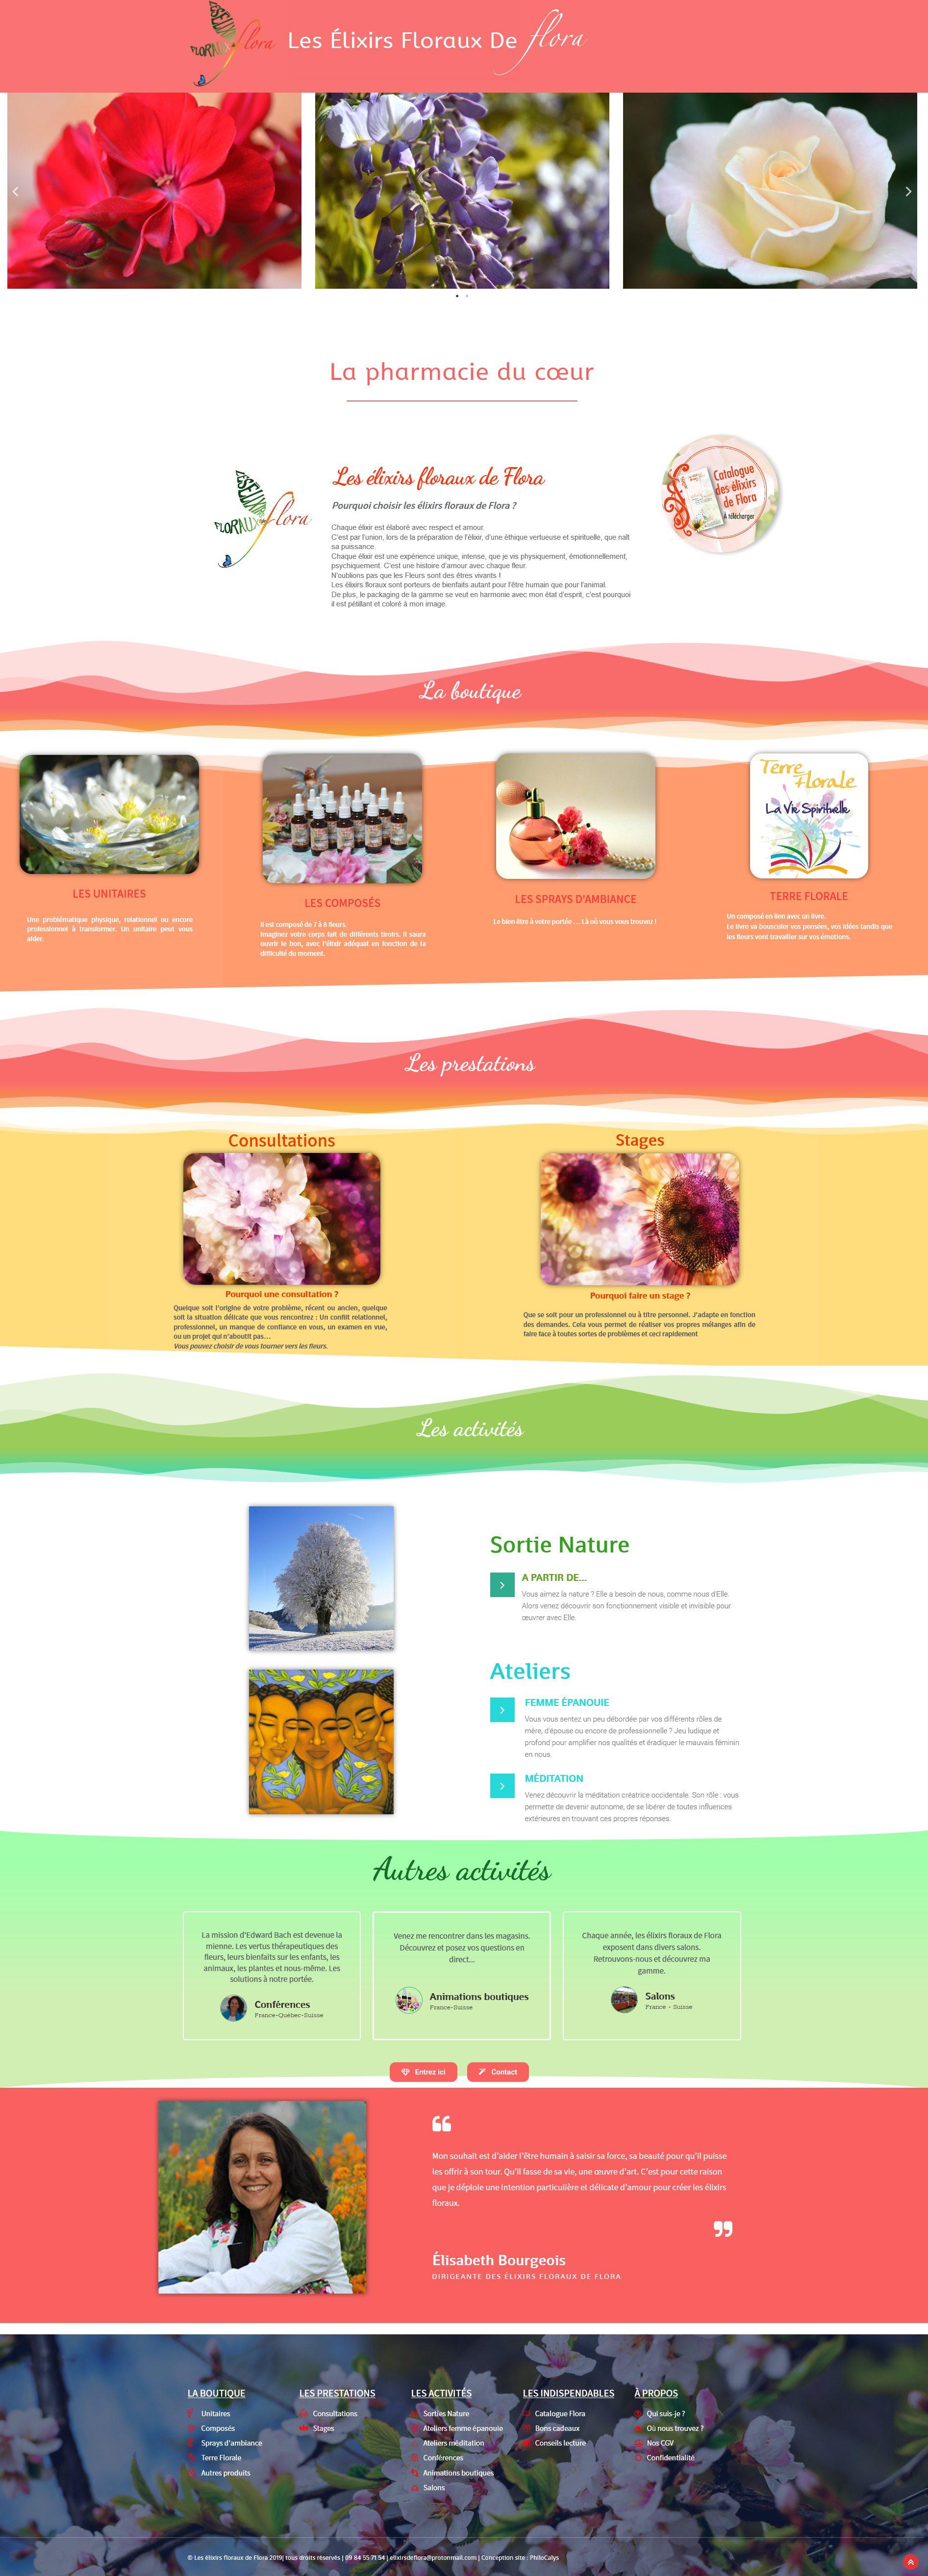 Les-élixirs-floraux-de-Flora-–-La-pharmacie-du-Coeur